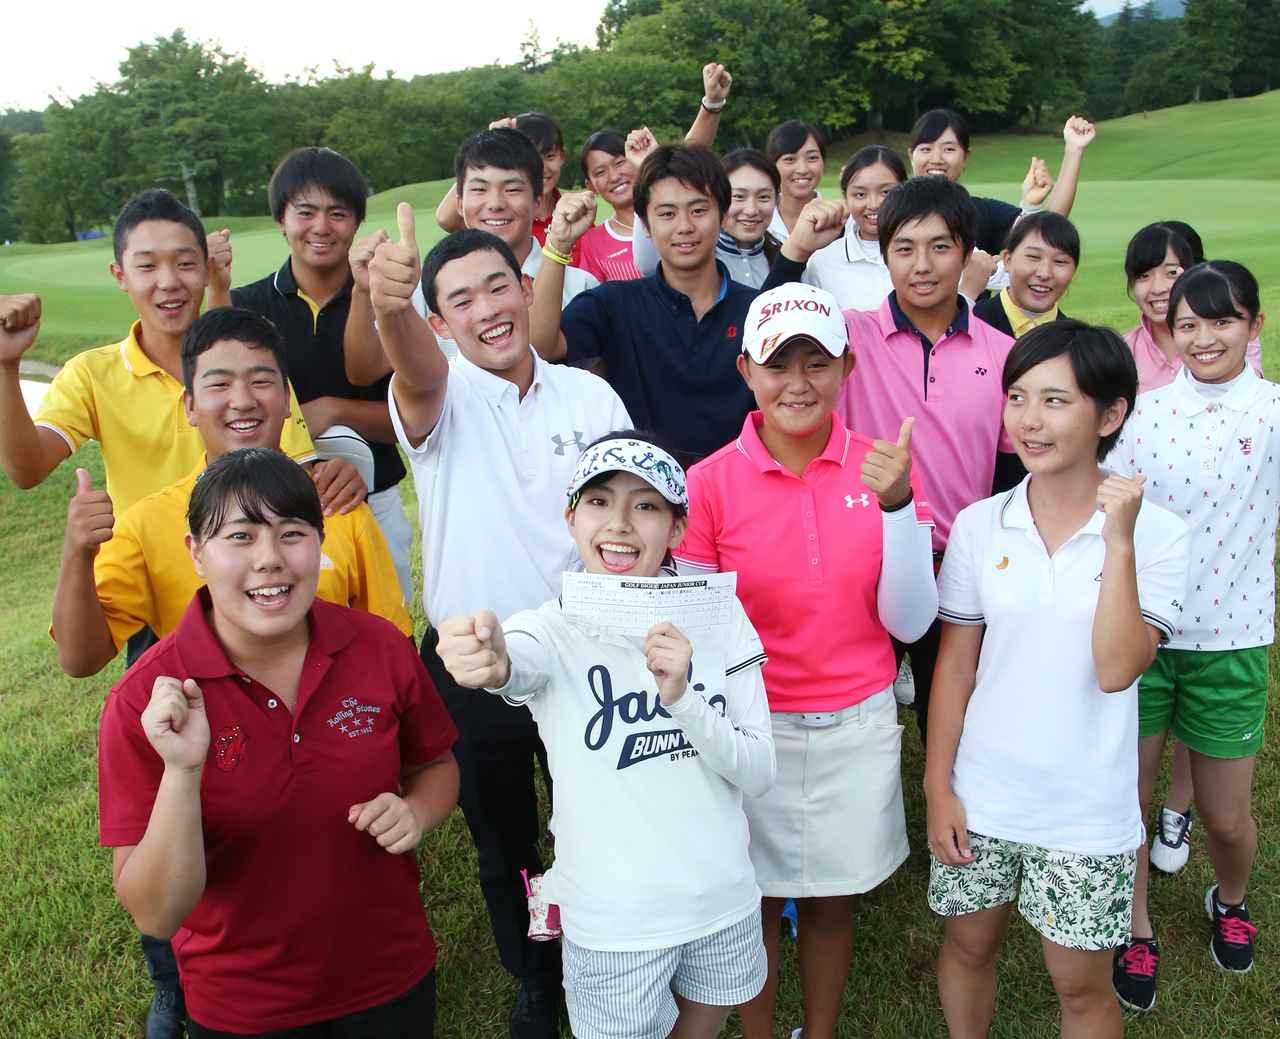 画像: 【ジュニアの時代がやってきた⁉︎】16歳のアイドルが本気の「競技ゴルフ」に参戦【GDジャパンジュニアカップレポート後編】 - みんなのゴルフダイジェスト